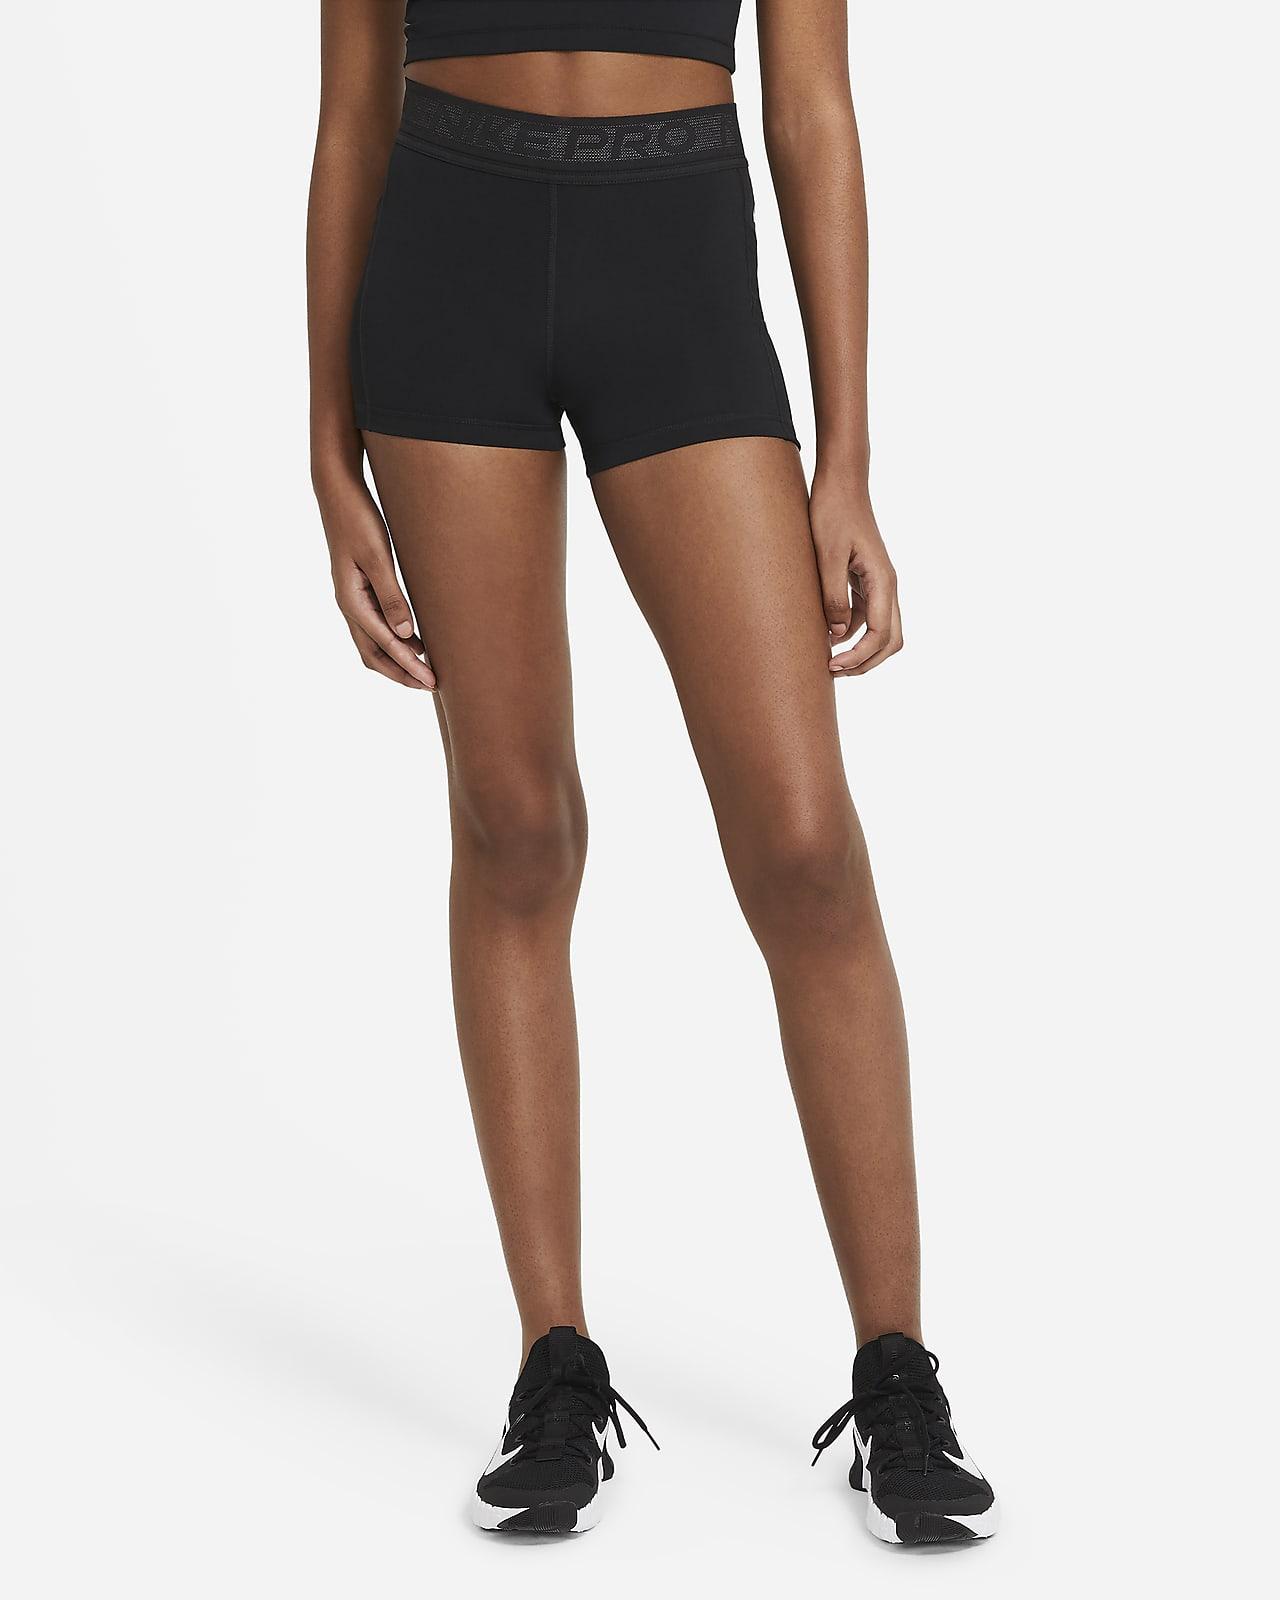 Spodenki damskie Nike Pro 8 cm